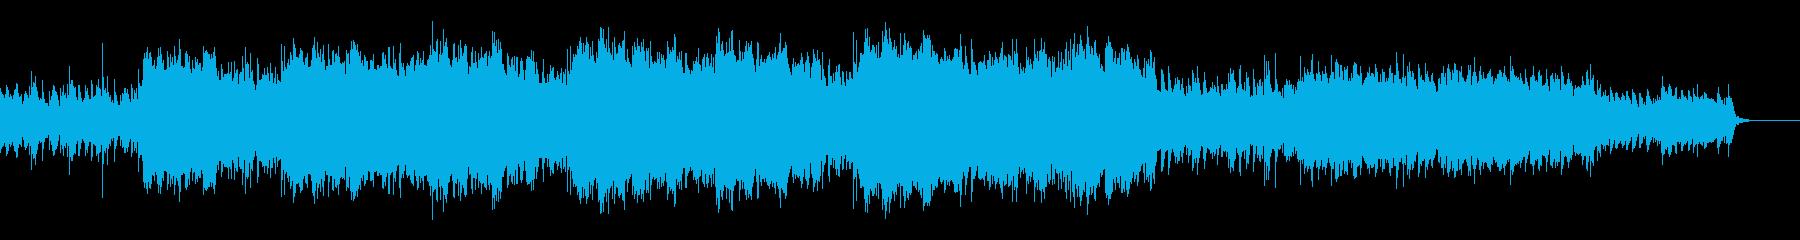 ★切迫した雰囲気のEpic系オーケストラの再生済みの波形